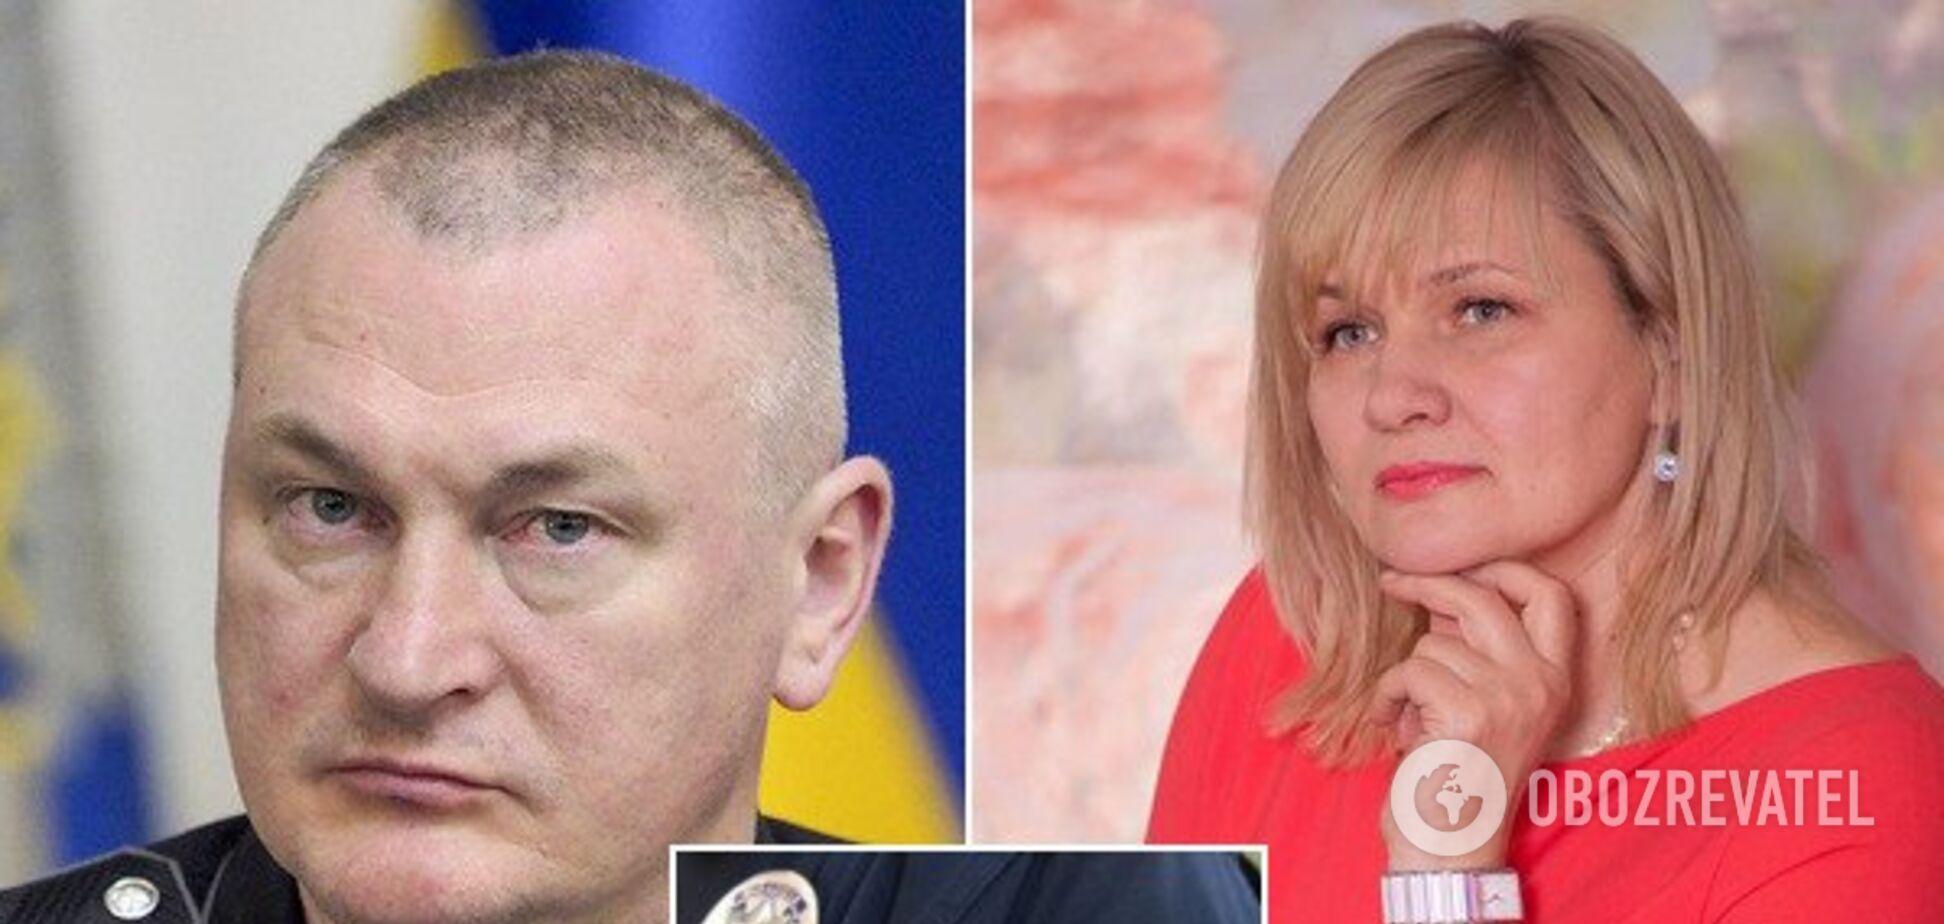 Скандал с экс-женой Князева: в деле появились новые факты